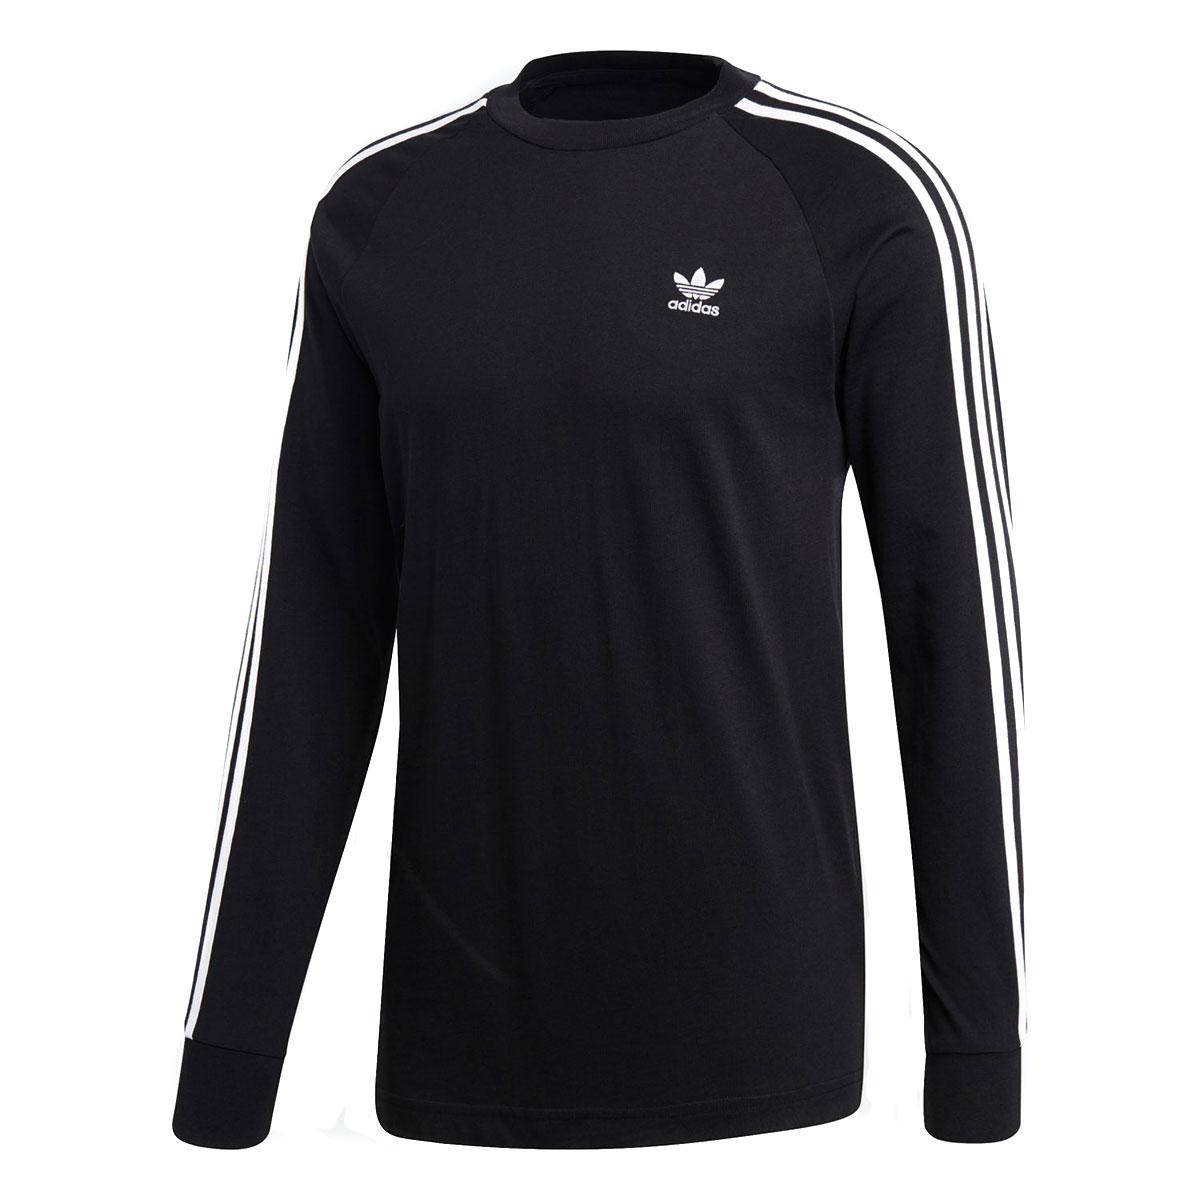 2f3657c038 Kinetics: adidas 3 STRIPES LS TEE (BLACK) (Adidas 3 stripe LS tea ...